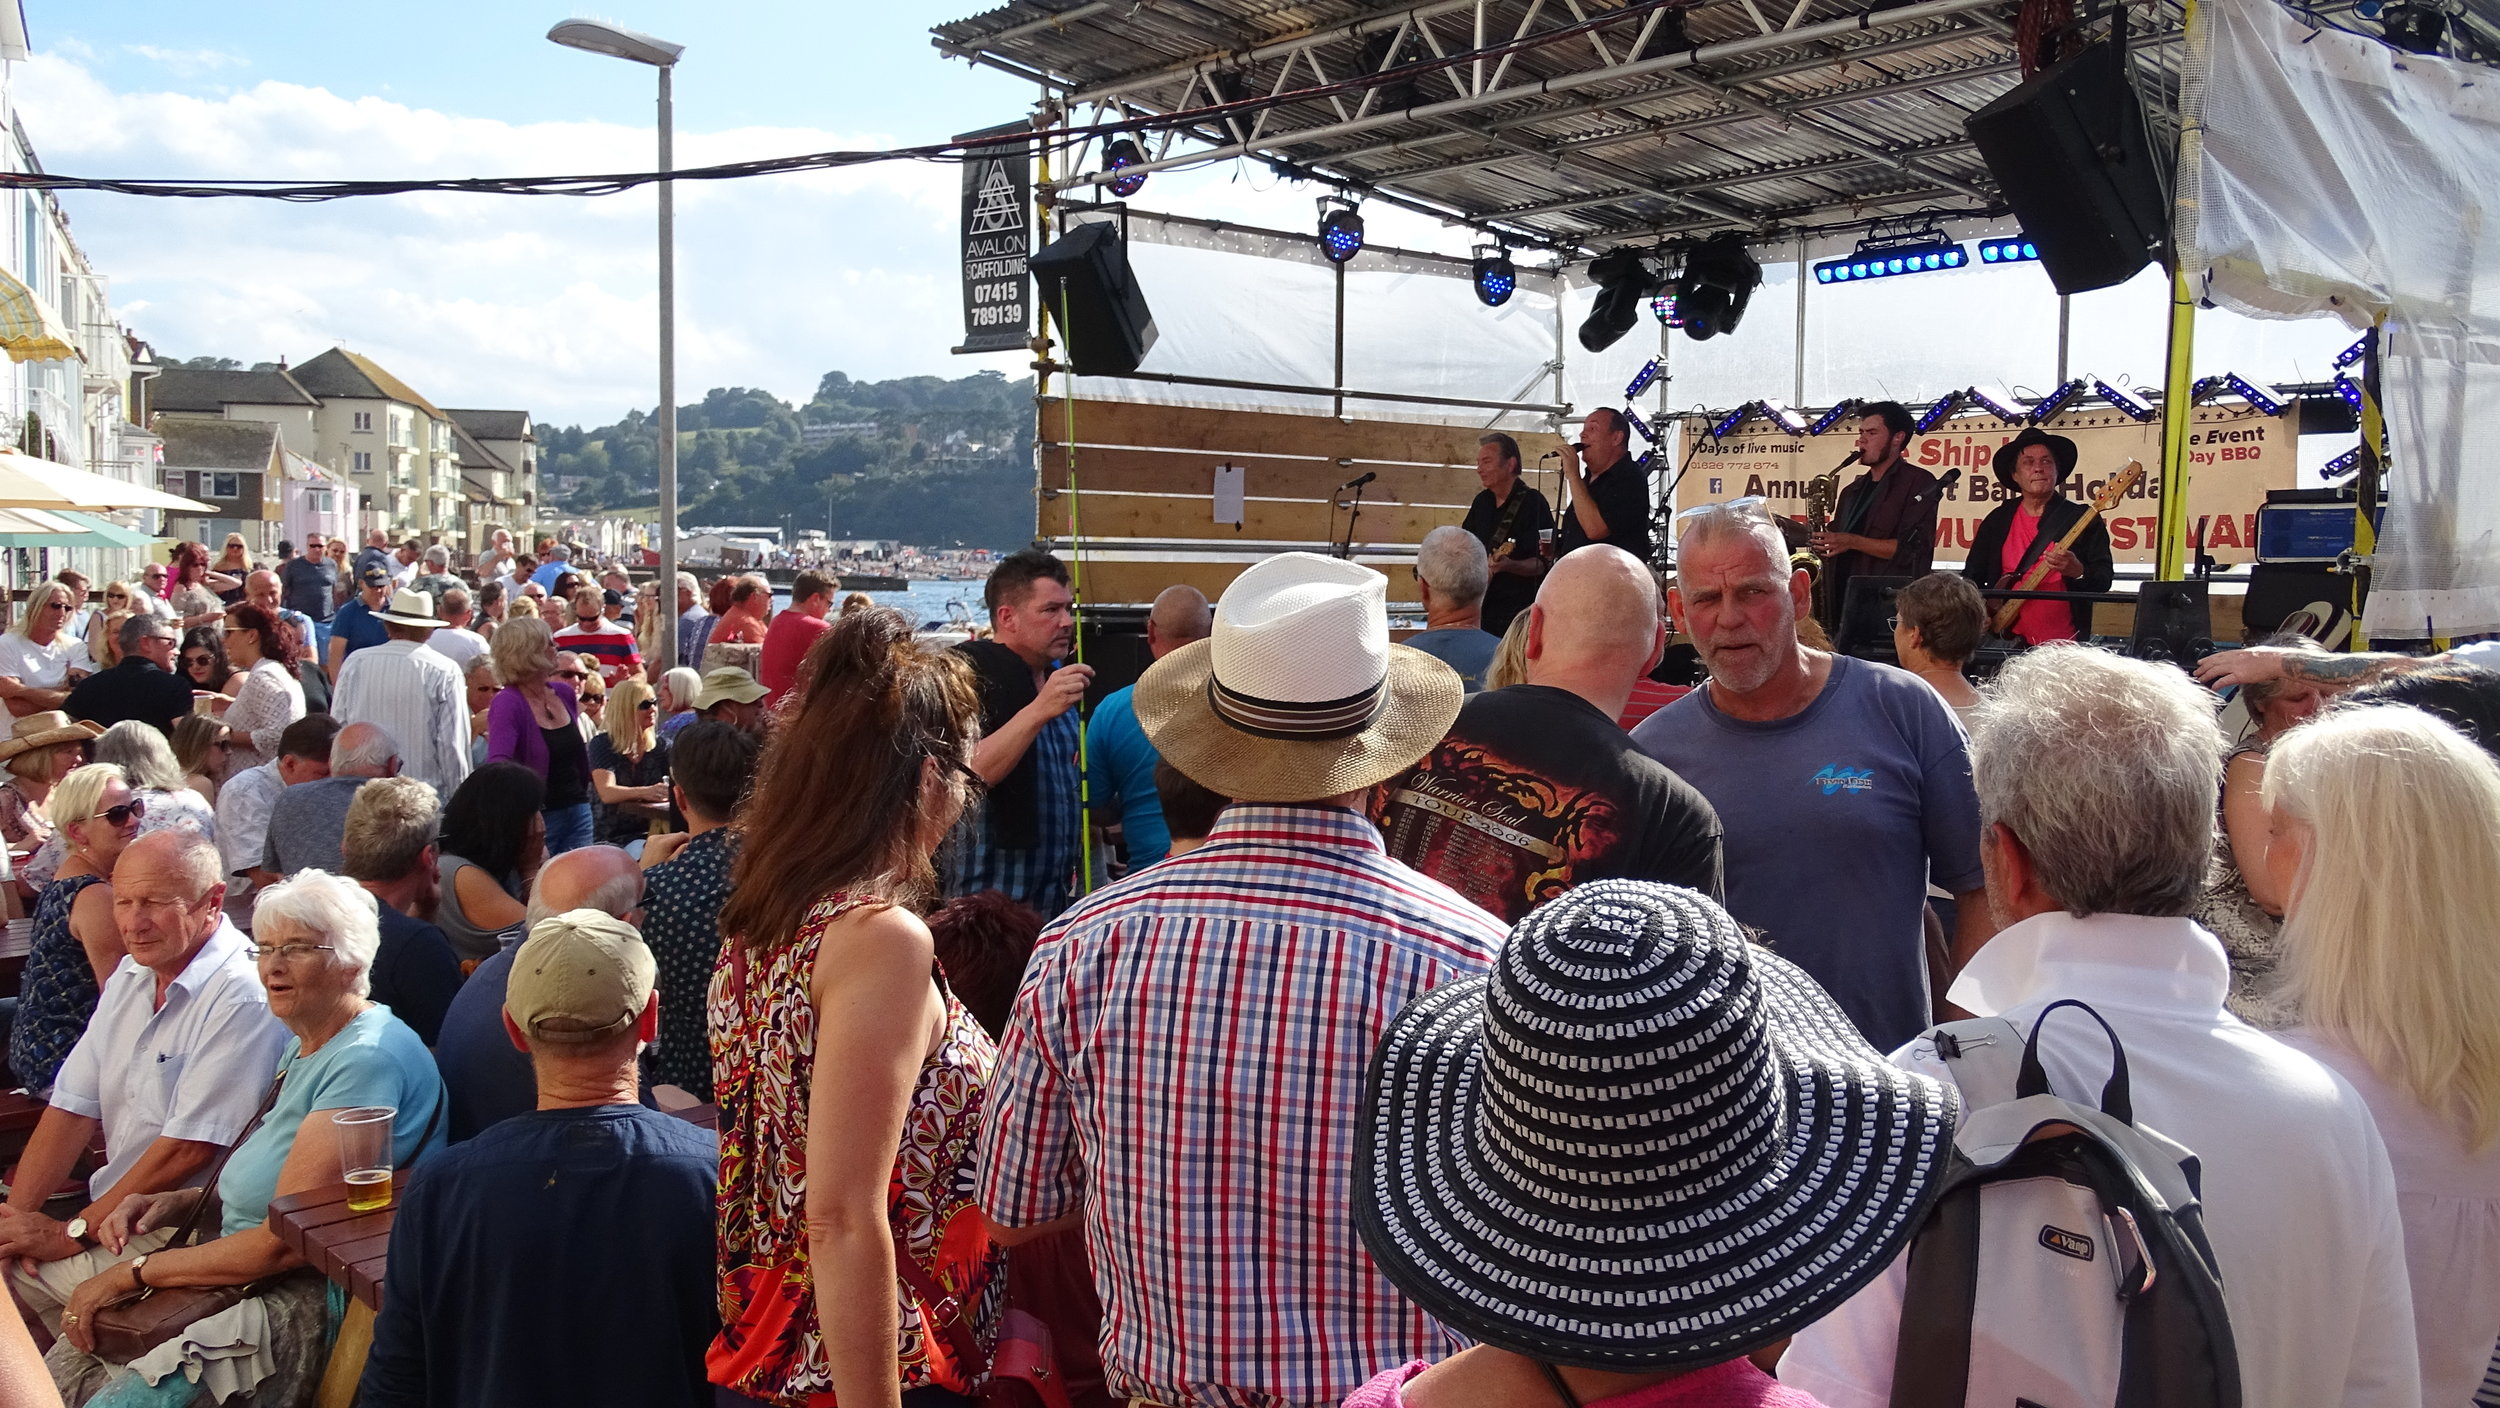 The ship inn music festival p2 210.JPG